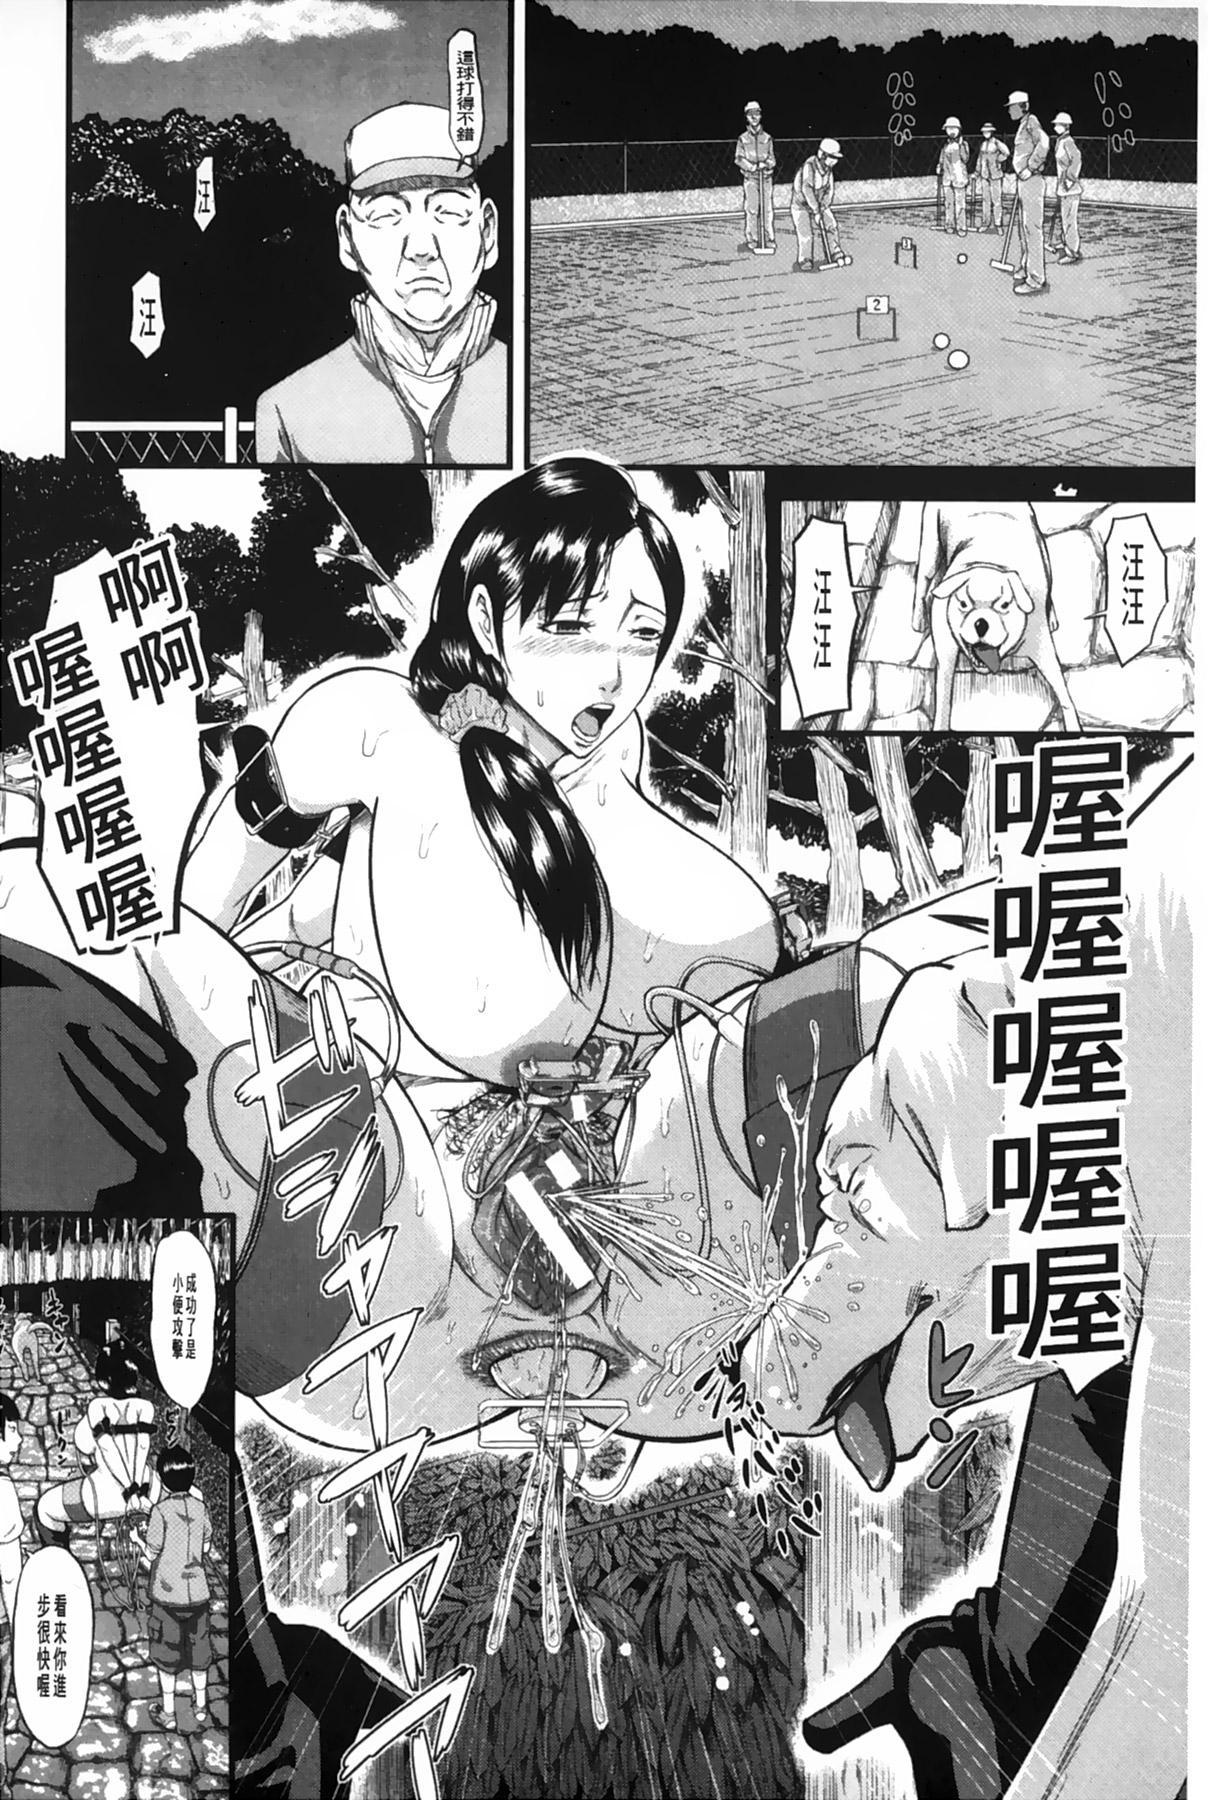 [Honebuto Danshaku] Onna Jigoku Niku no Tsubo~Hentai Rui Inran Ka Mesu Buta Ichidaiki~ | 女地獄、肉之壺 ~変態類淫乱科淫母豬一代記~ [Chinese] 16